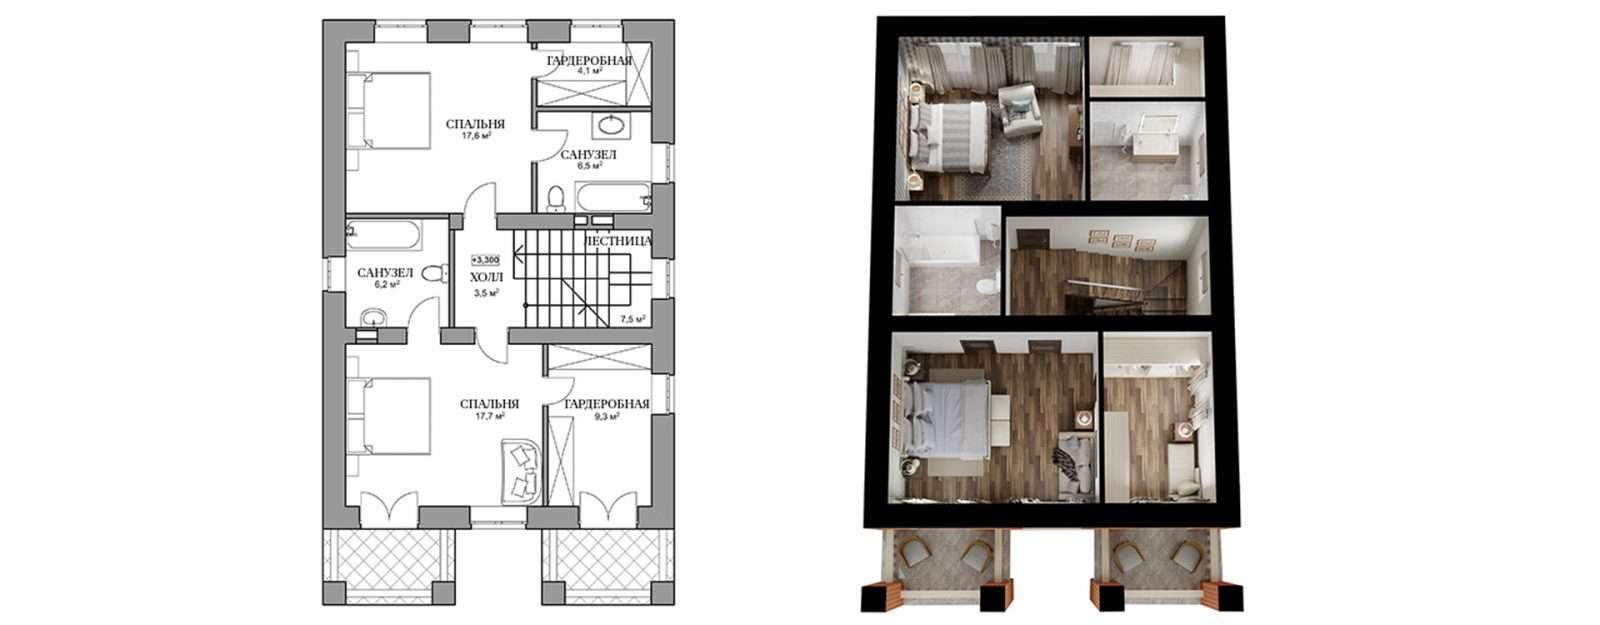 Коттедж «Бет» - план второго этажа